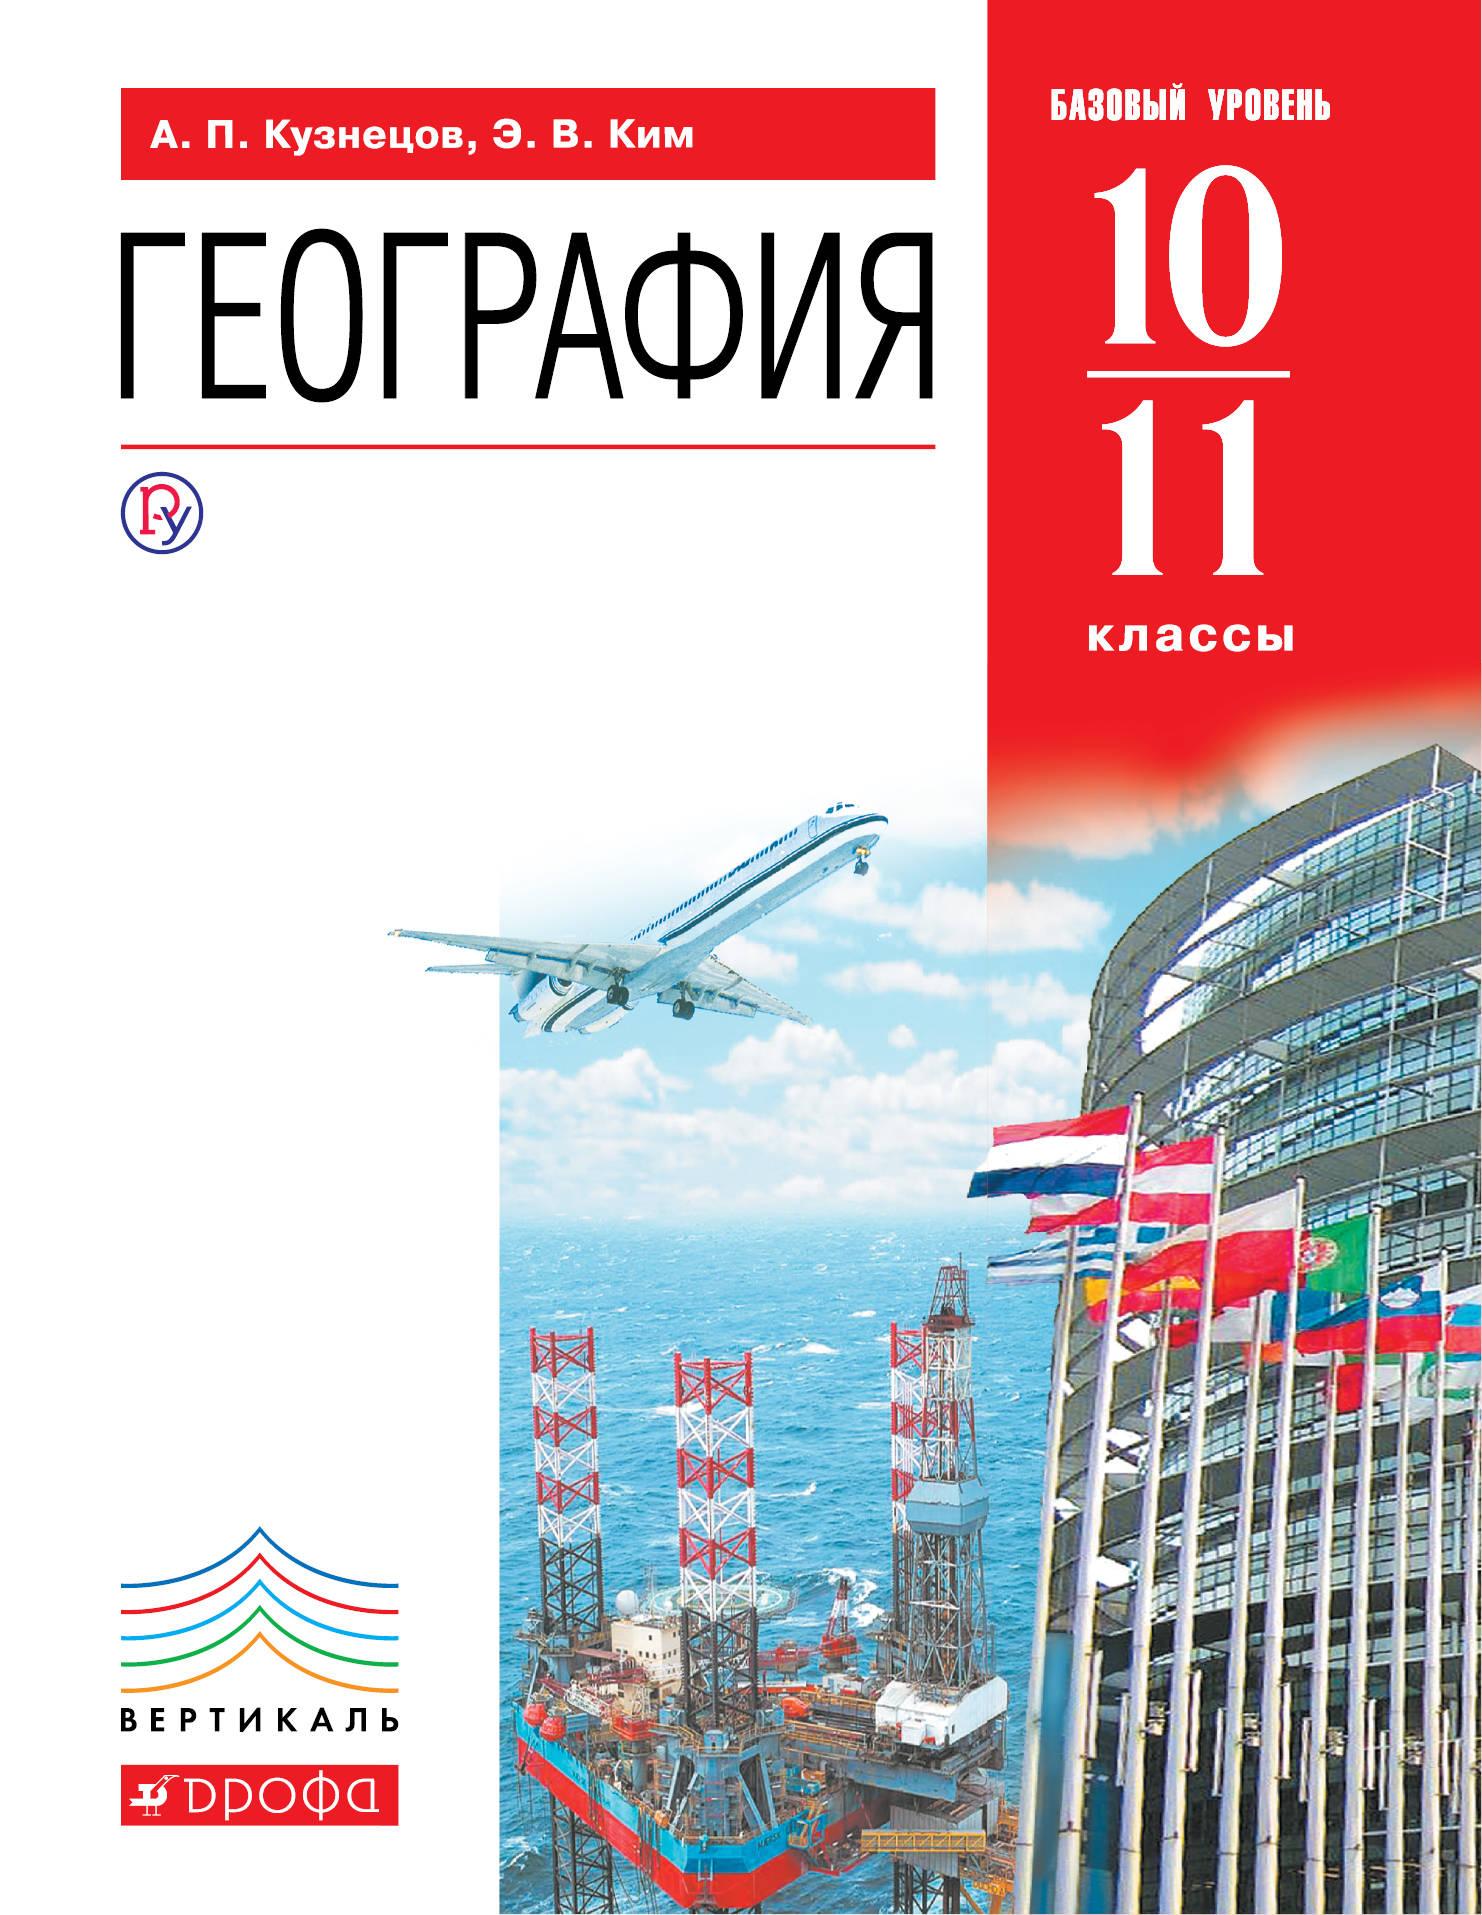 Учебник география 10-11 класс кузнецов ким скачать бесплатно